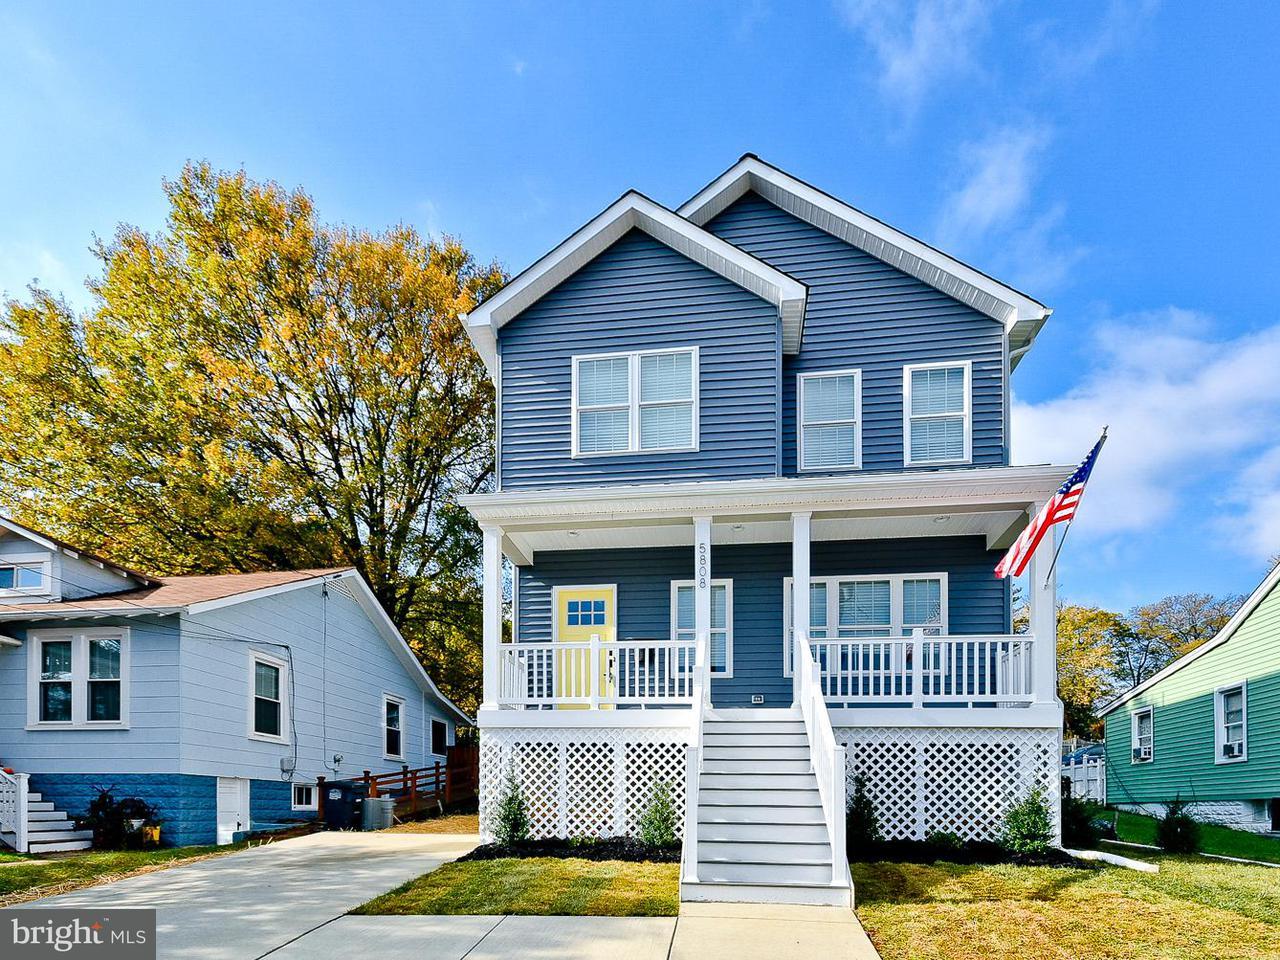 一戸建て のために 売買 アット 5808 43RD Avenue 5808 43RD Avenue Hyattsville, メリーランド 20781 アメリカ合衆国